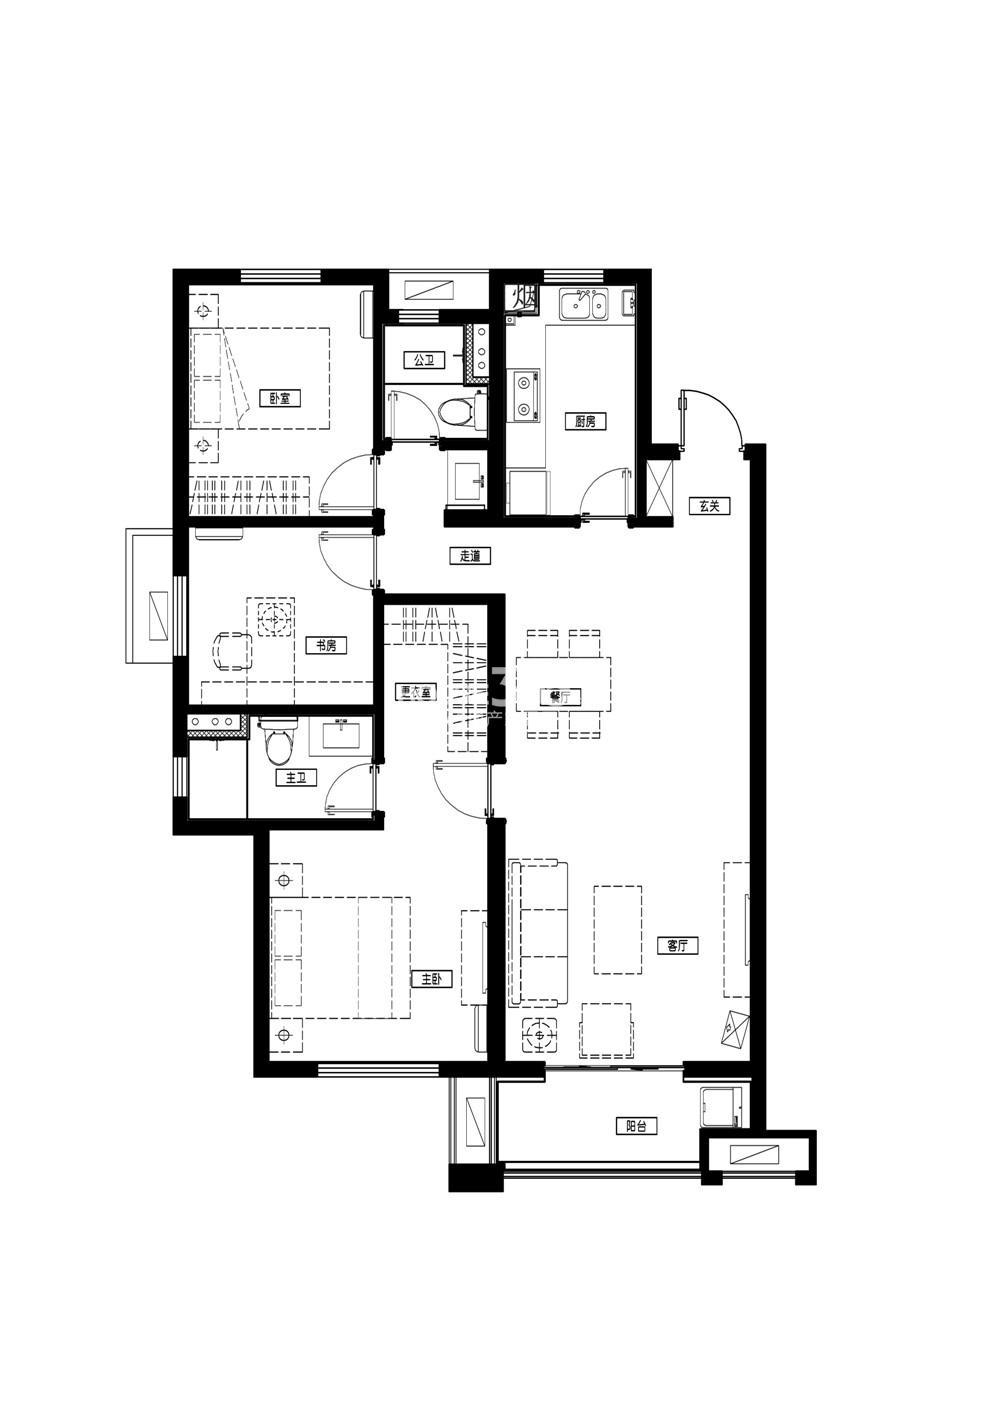 万科城一期标准层B1户型 116平方米 3室2厅2卫1厨